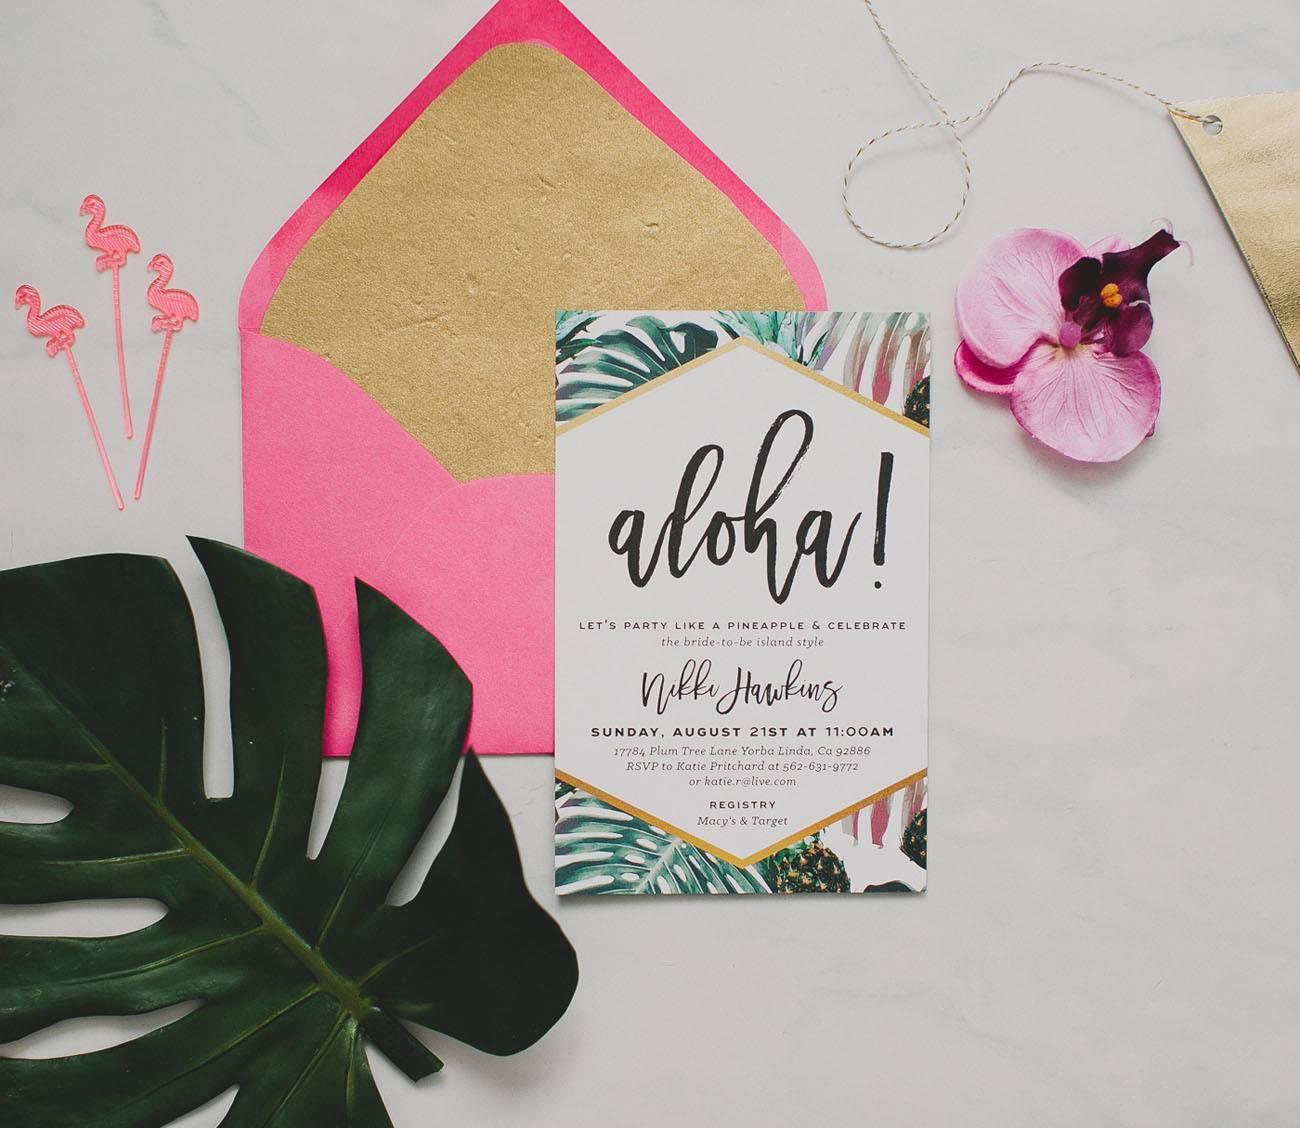 Гавайская вечеринка (сценарий и конкурсы)